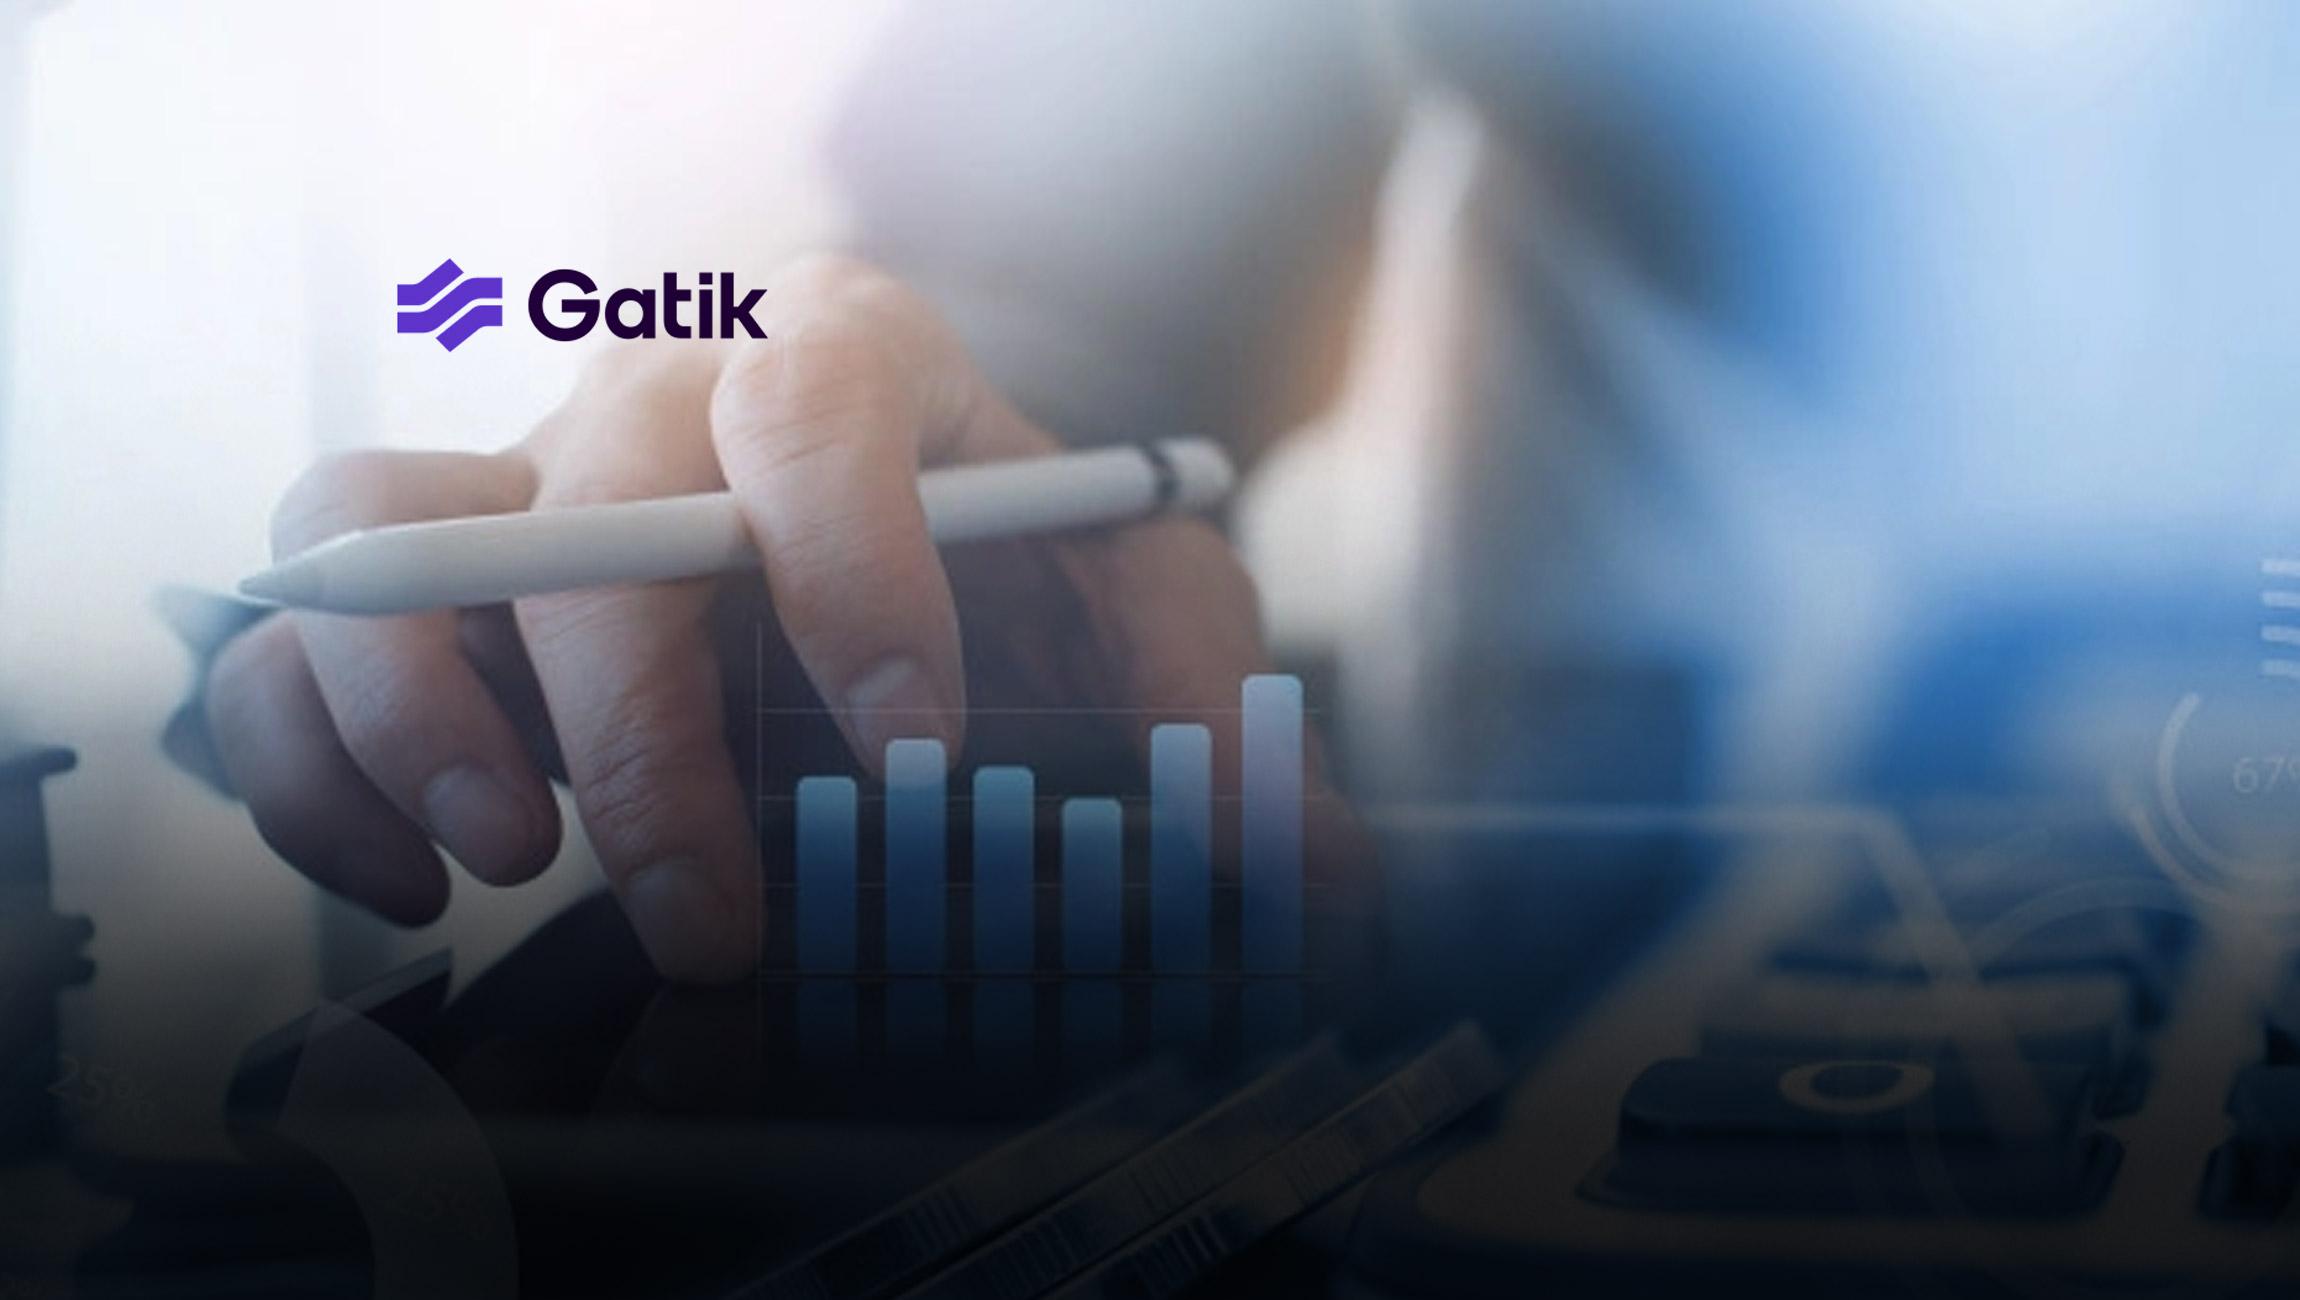 Gatik_-the-Leader-in-Autonomous-Middle-Mile-Logistics_-Raises-_25-Million-in-Series-A-Funding